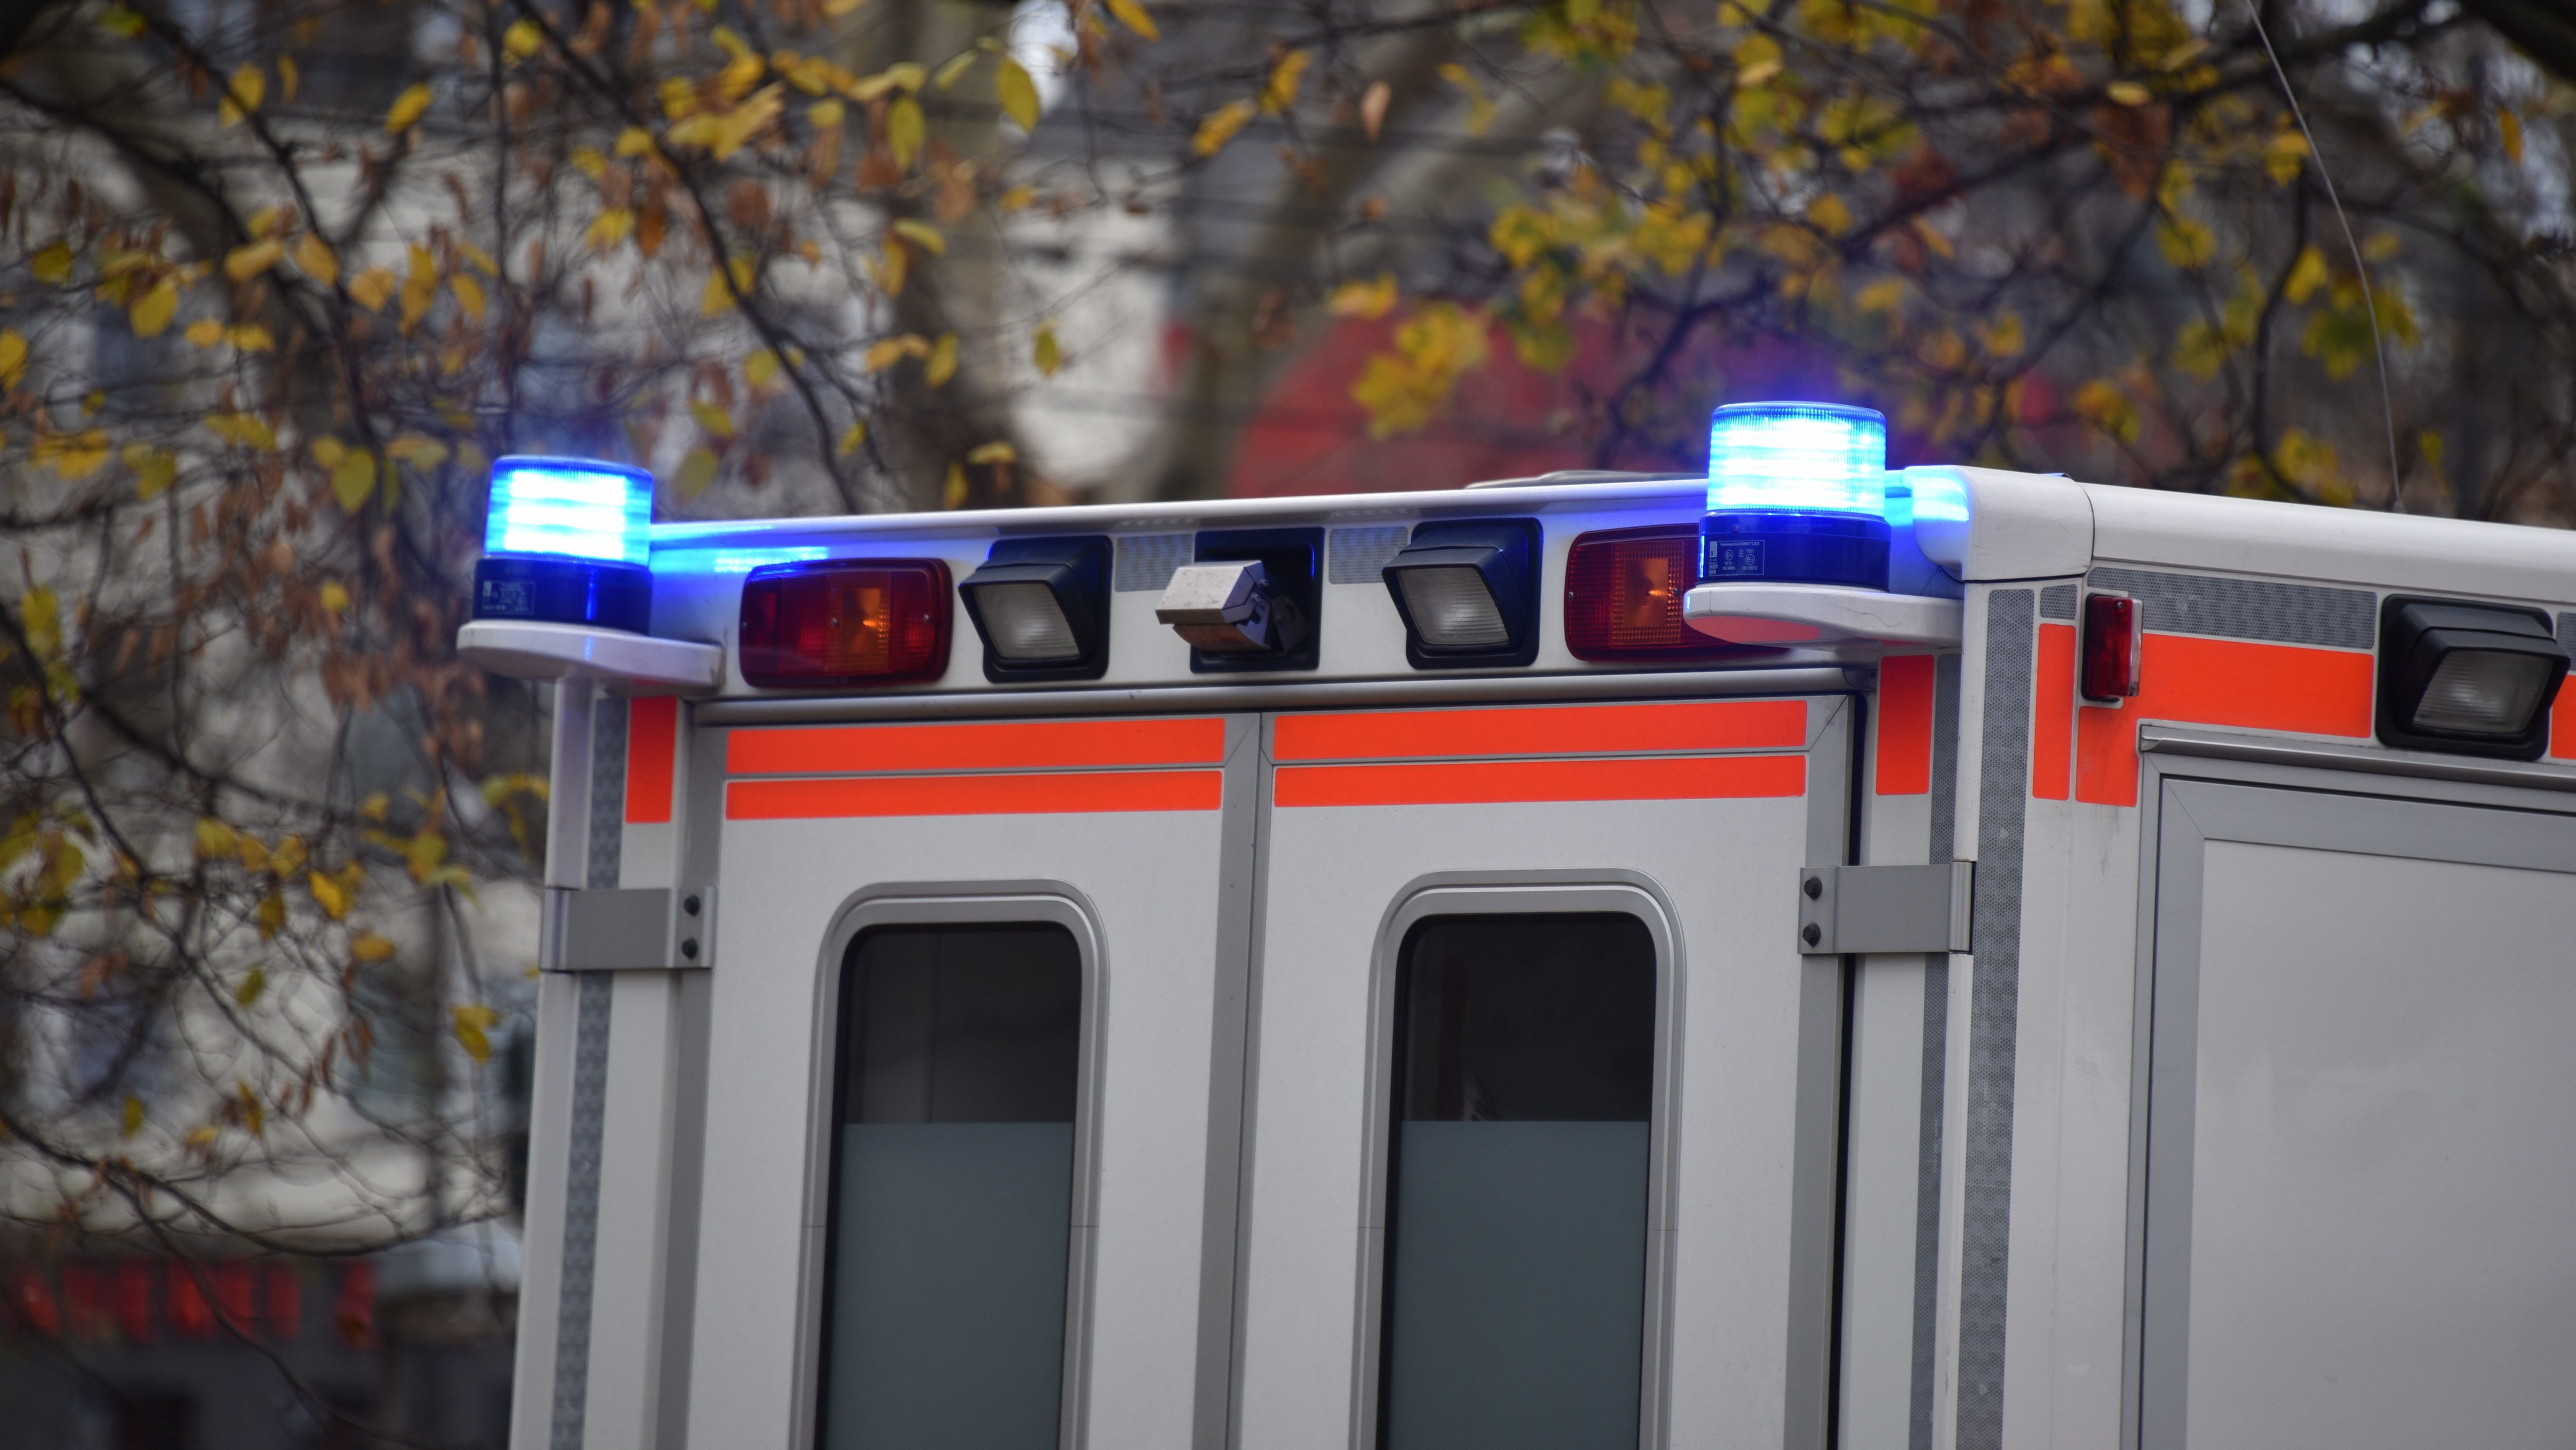 Blaulicht an einem Krankenwagen (Symbolbild)